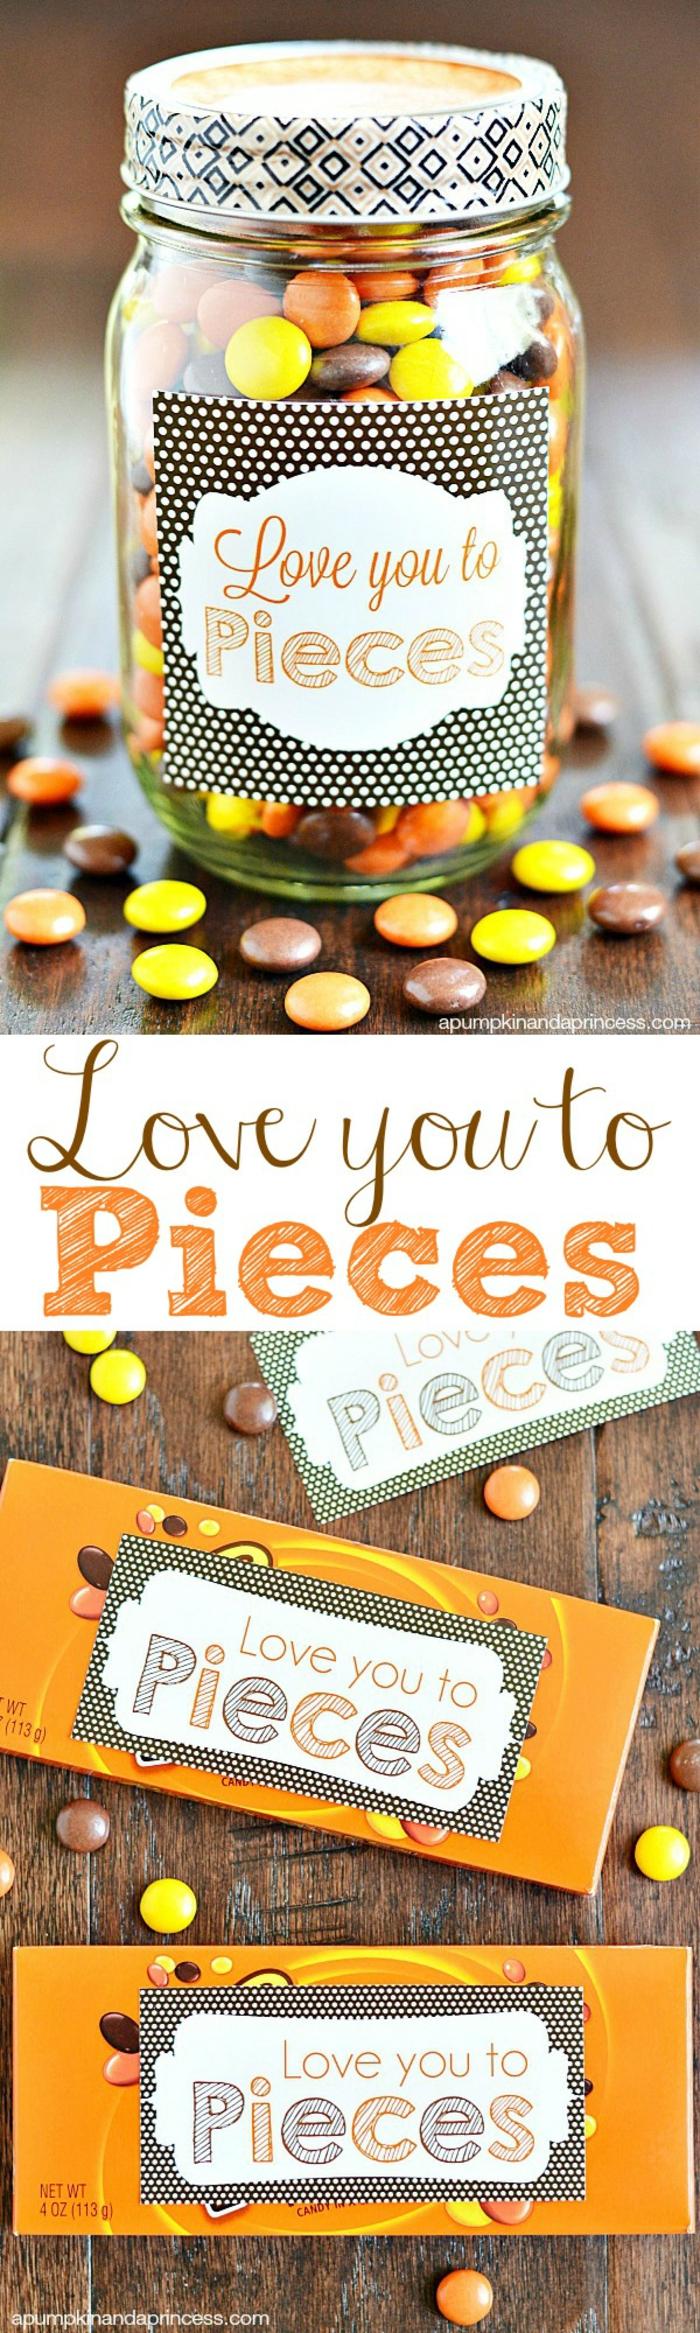 vatertagsgeschenke von kindern, diy geschenke zum vatertag, einmachglas mit bonbons